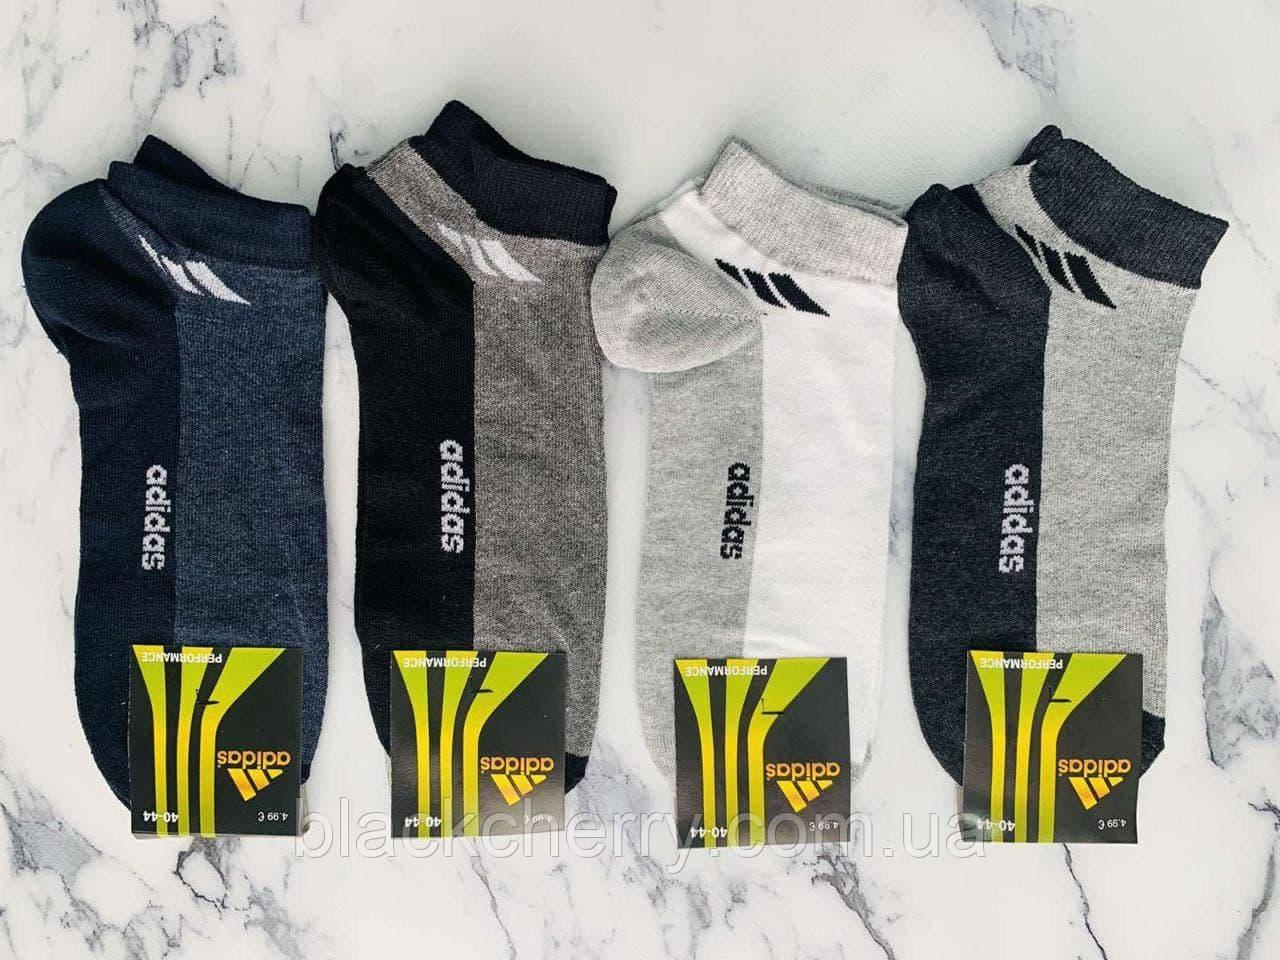 Носки короткие спорт гдадь короткая  Adidas 40-44р.